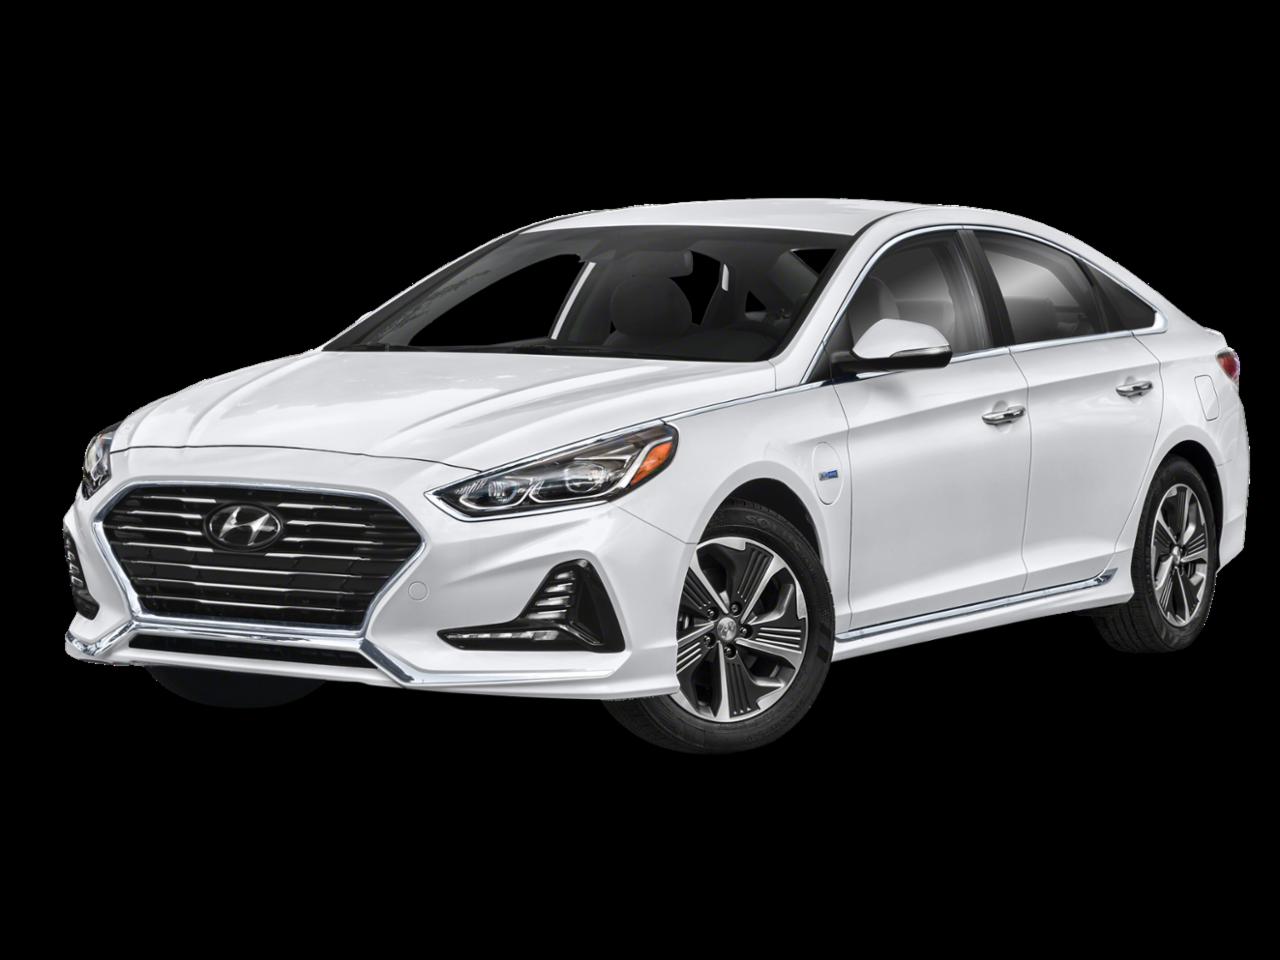 Hyundai 2019 Sonata Plug-In Hybrid Limited